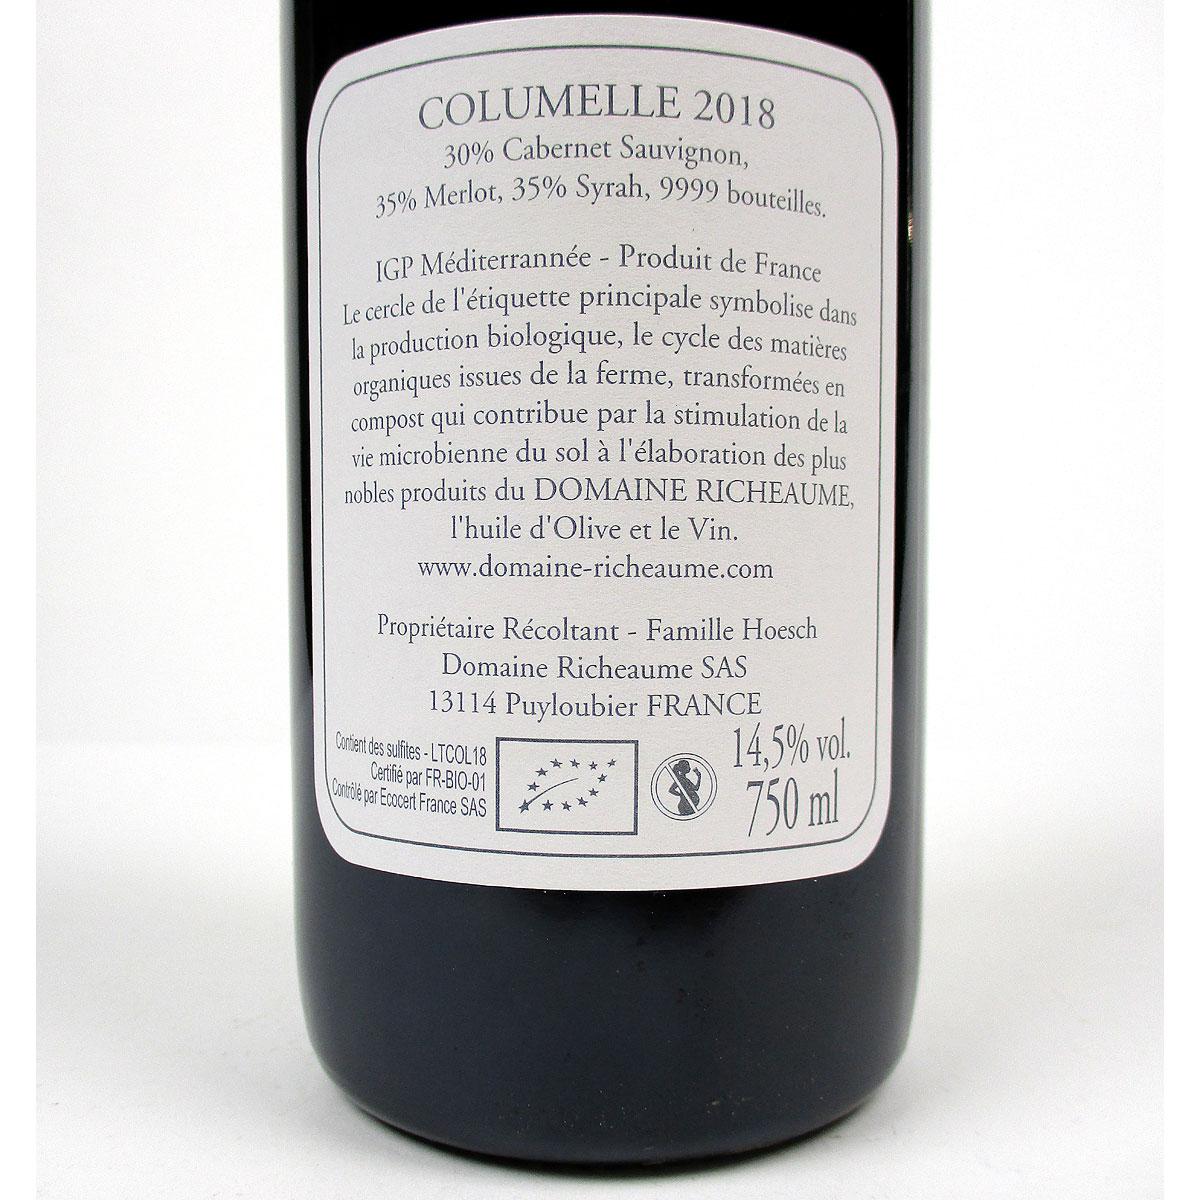 IGP Méditerranée: Domaine Richeaume 'Cuvée Columelle' 2018 - Bottle Rear Label